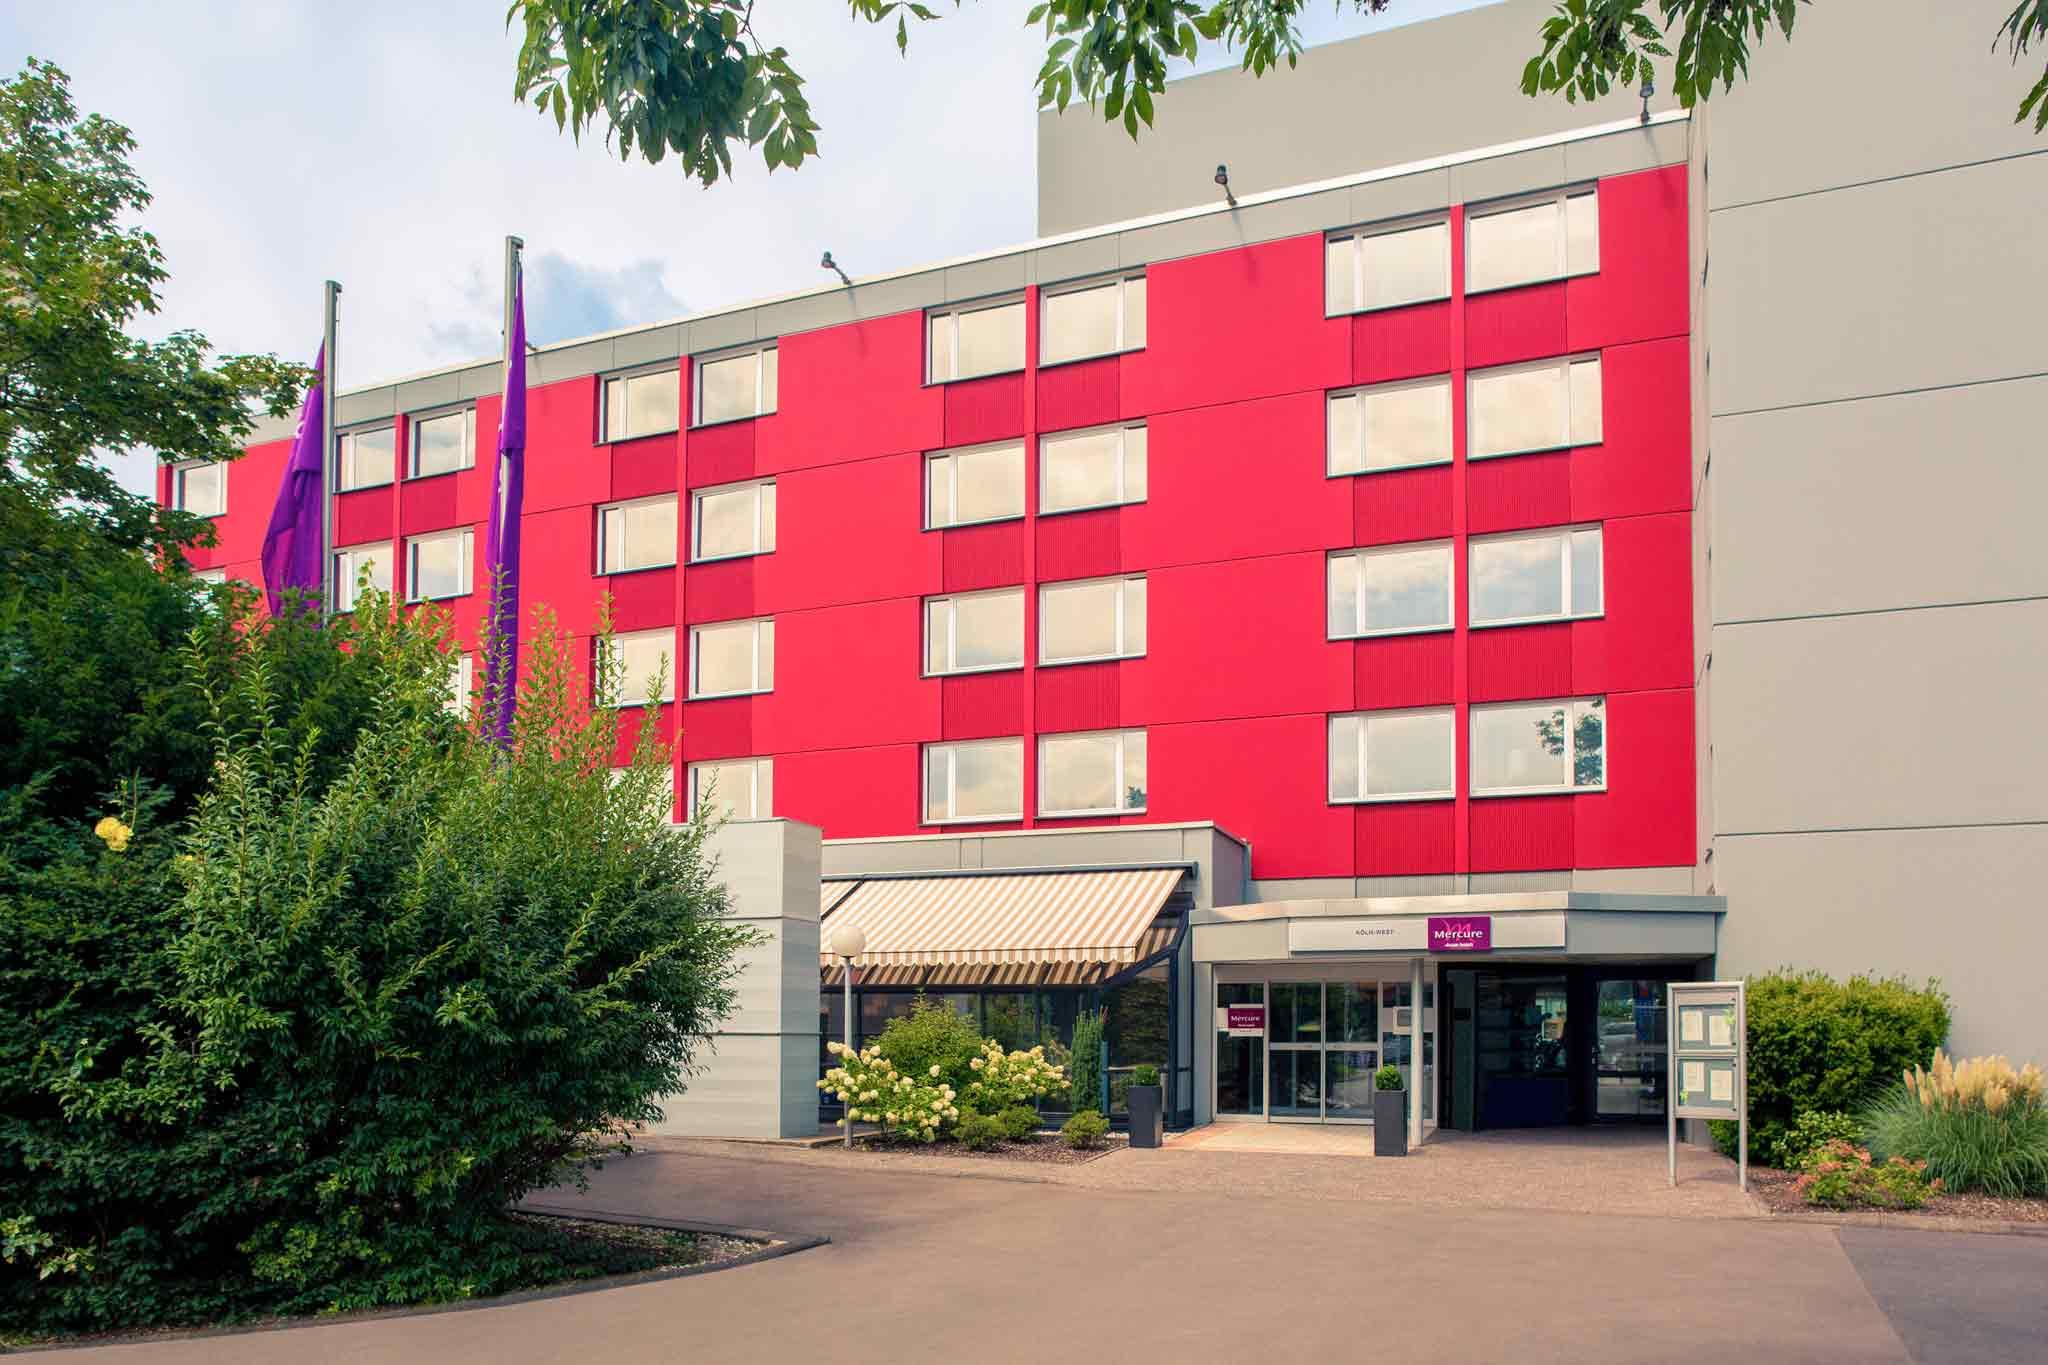 فندق - فندق مركيور Mercure كولن- ويست